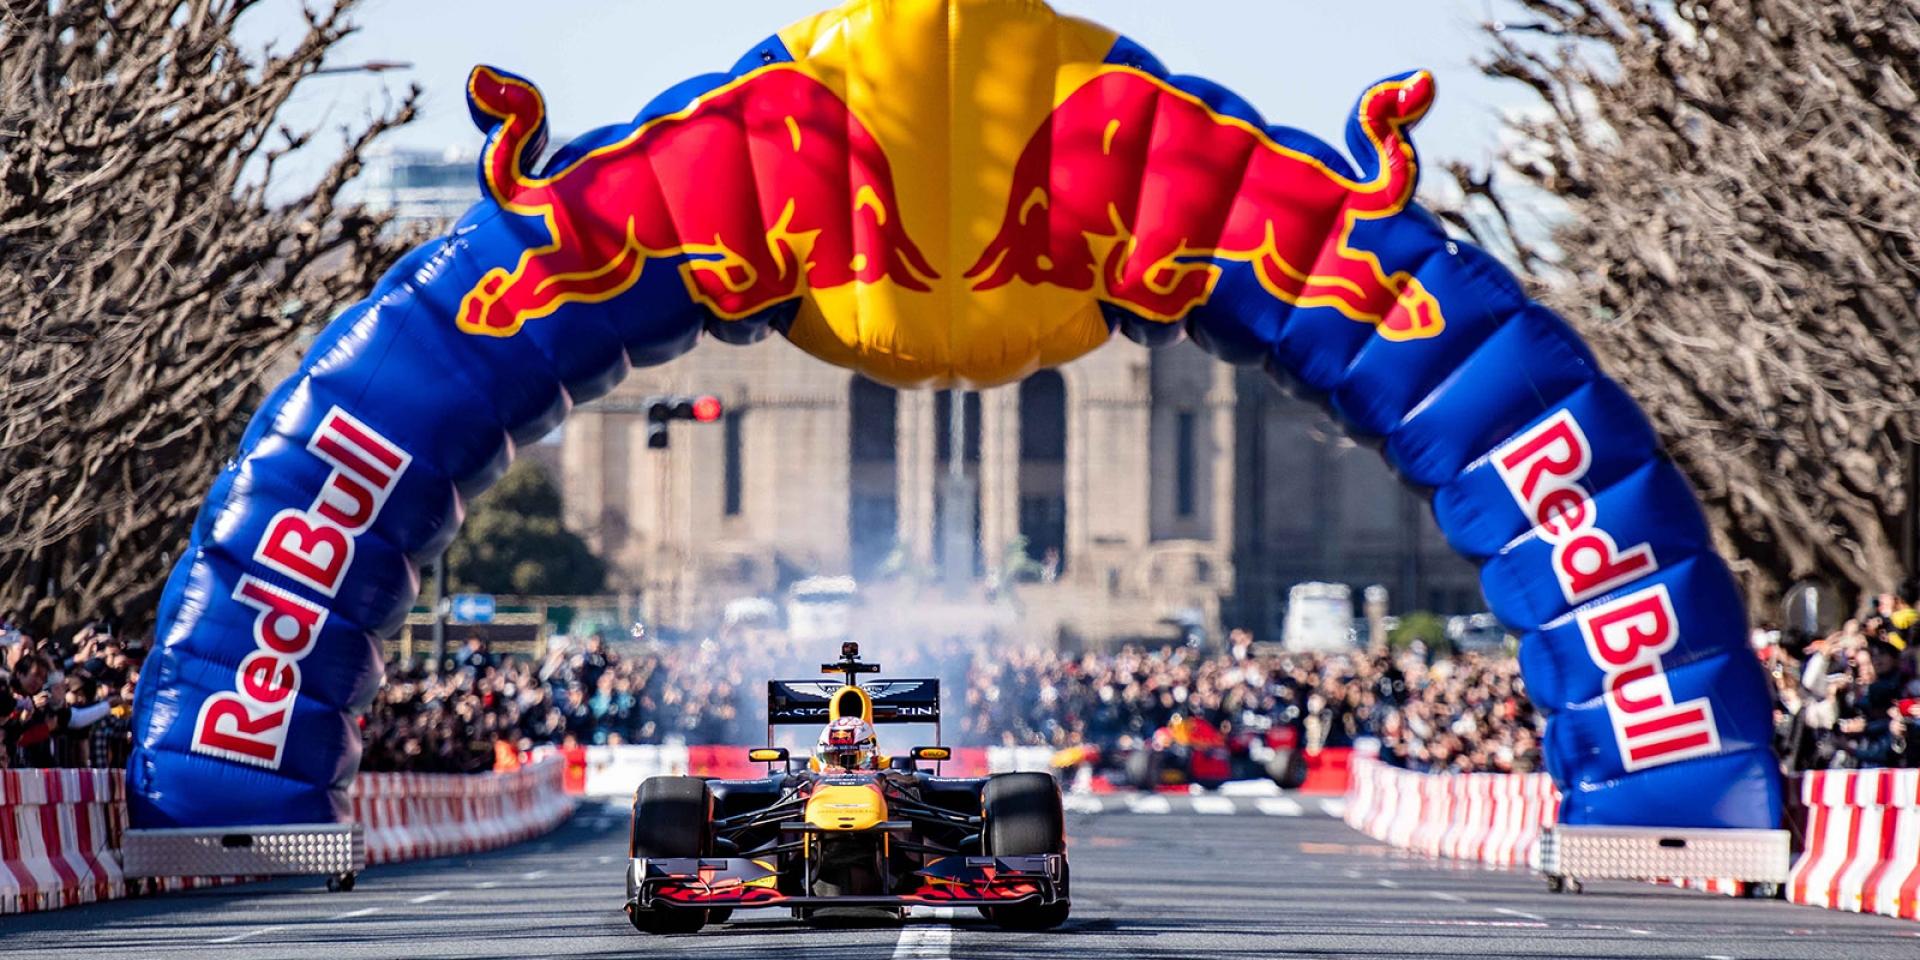 官方新聞稿。RED BULL RACING F1 SHOWRUN即將襲台!原廠賽車2020空降台北  真實還原F1飆速快感 跨出台灣賽車史重要一步